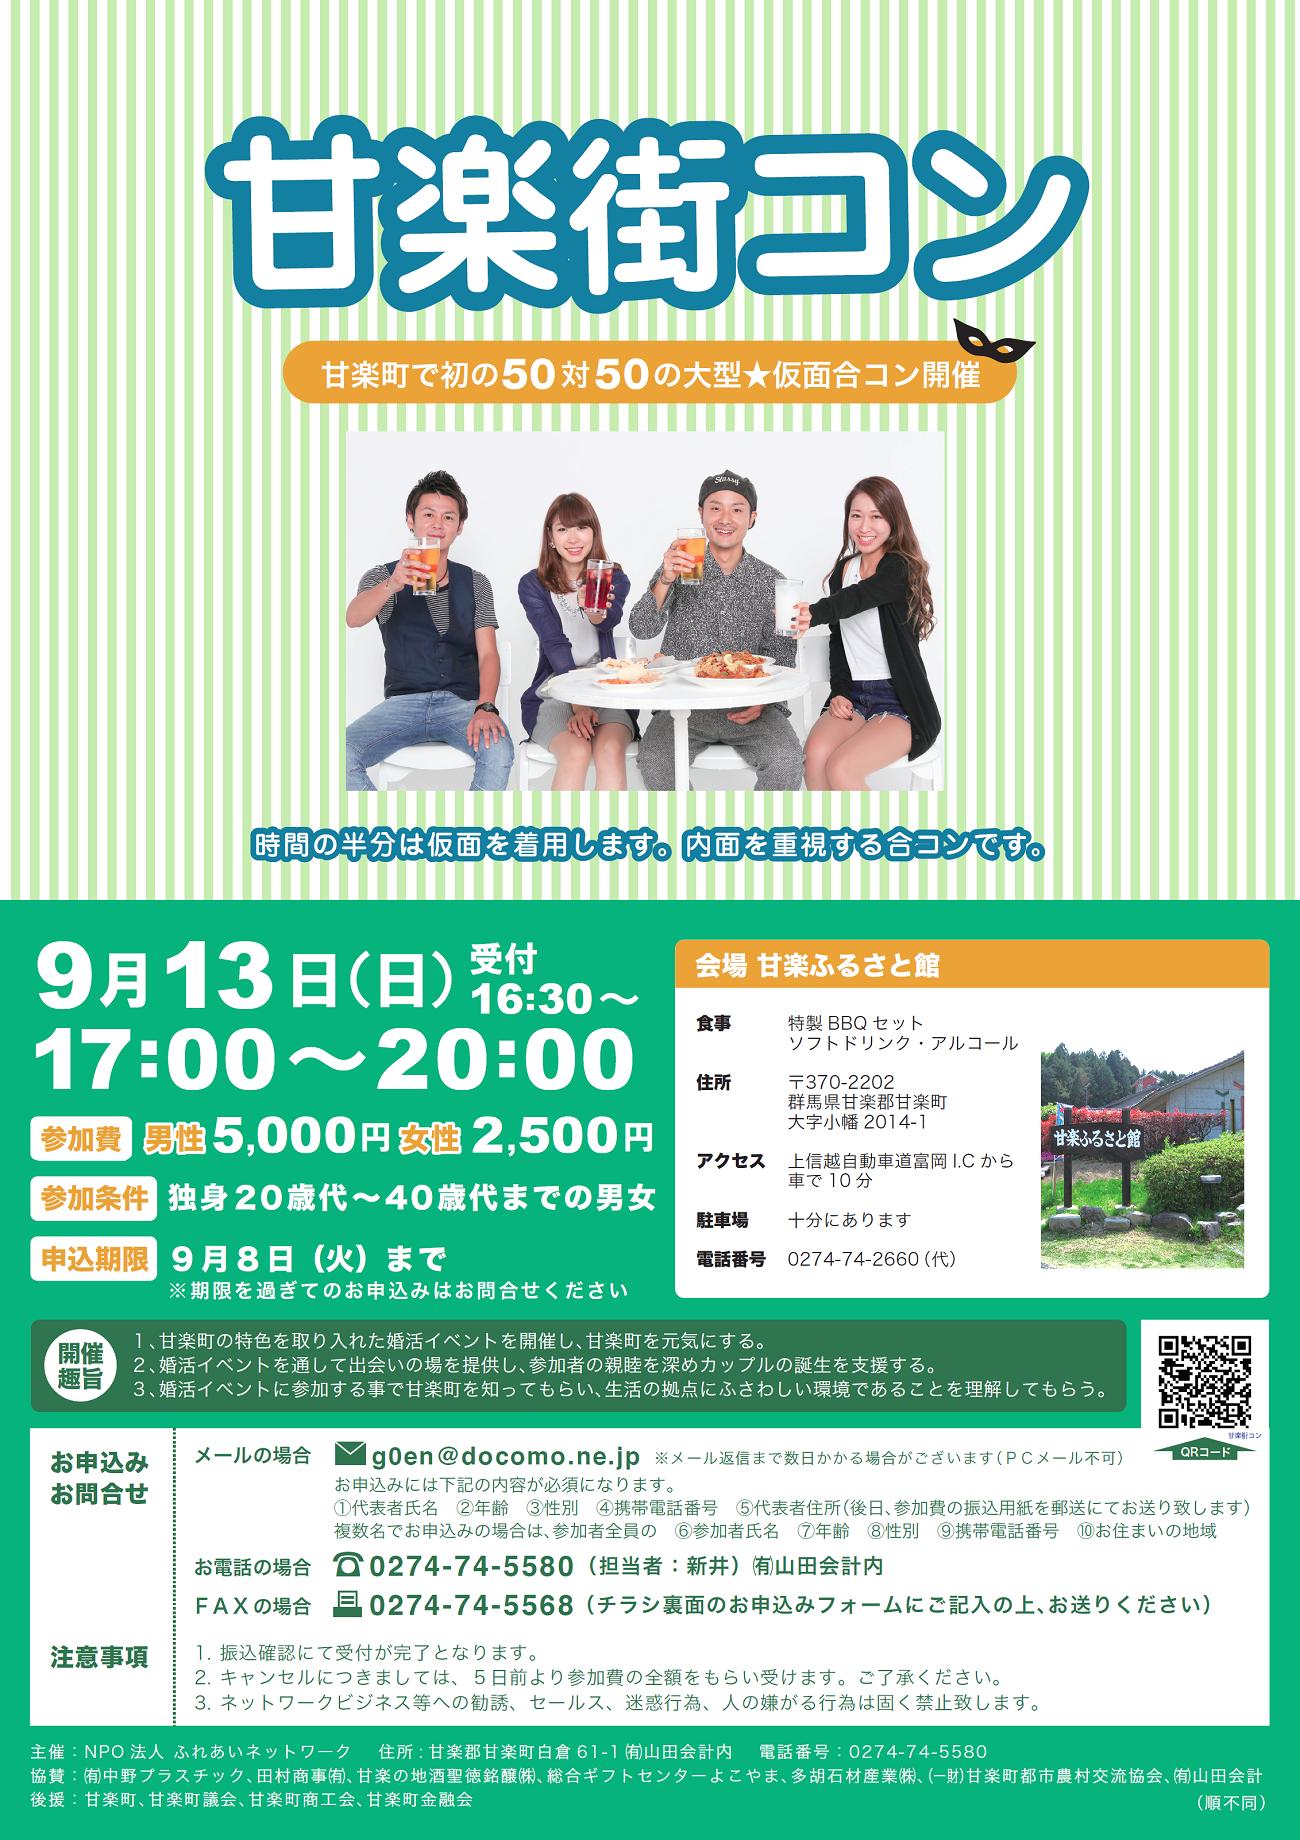 『甘楽街コン』のポスター